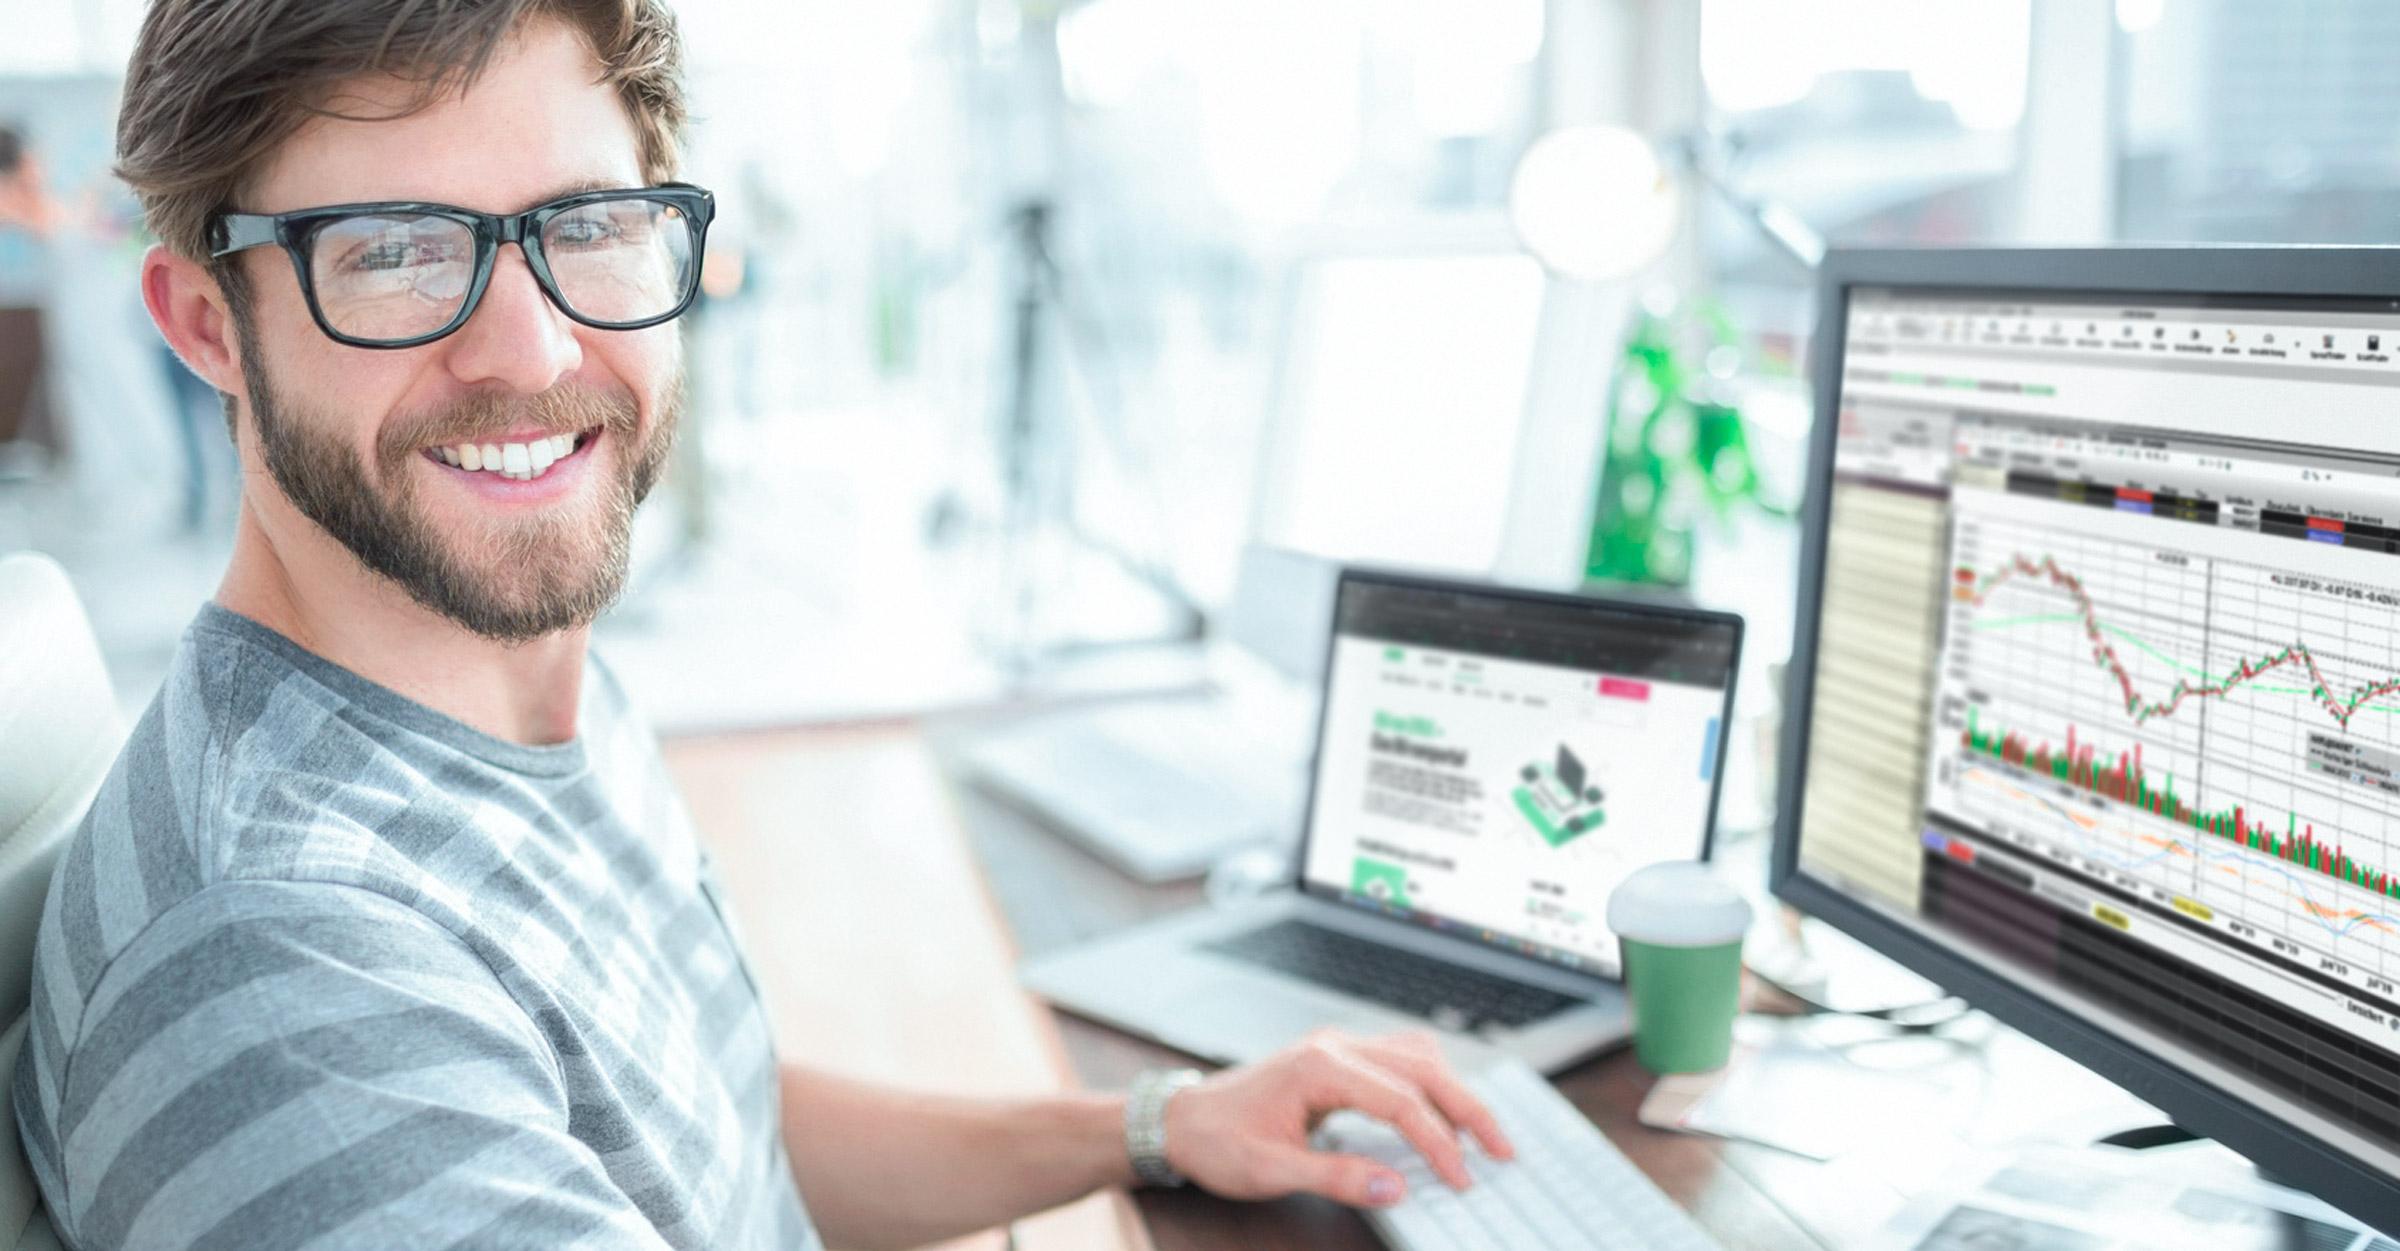 La plateforme de trading TWS - Professionnelle et comfortable